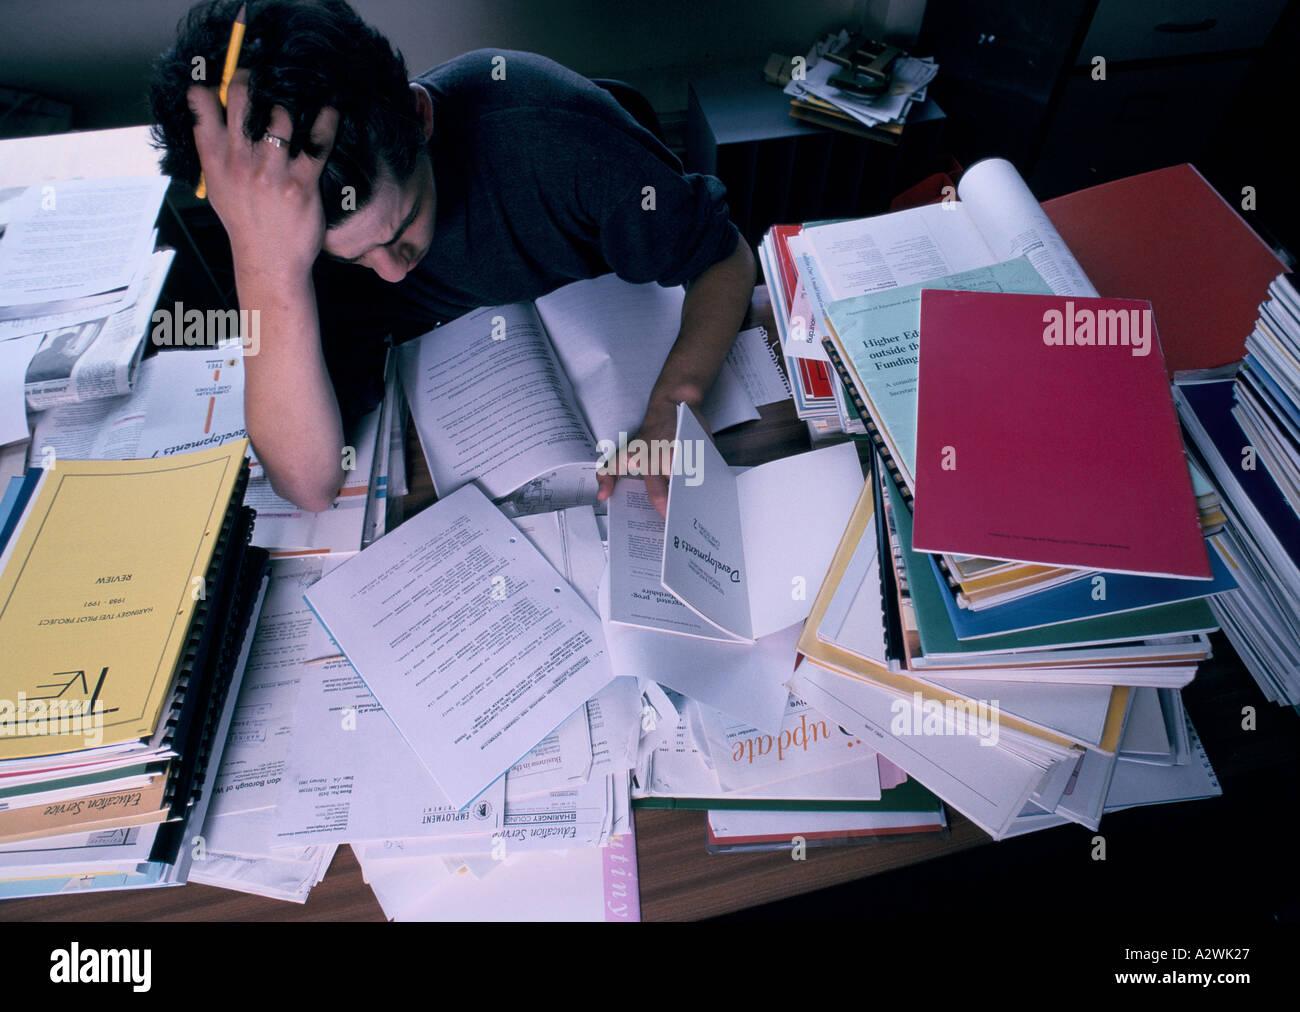 exam stress haringey london - Stock Image